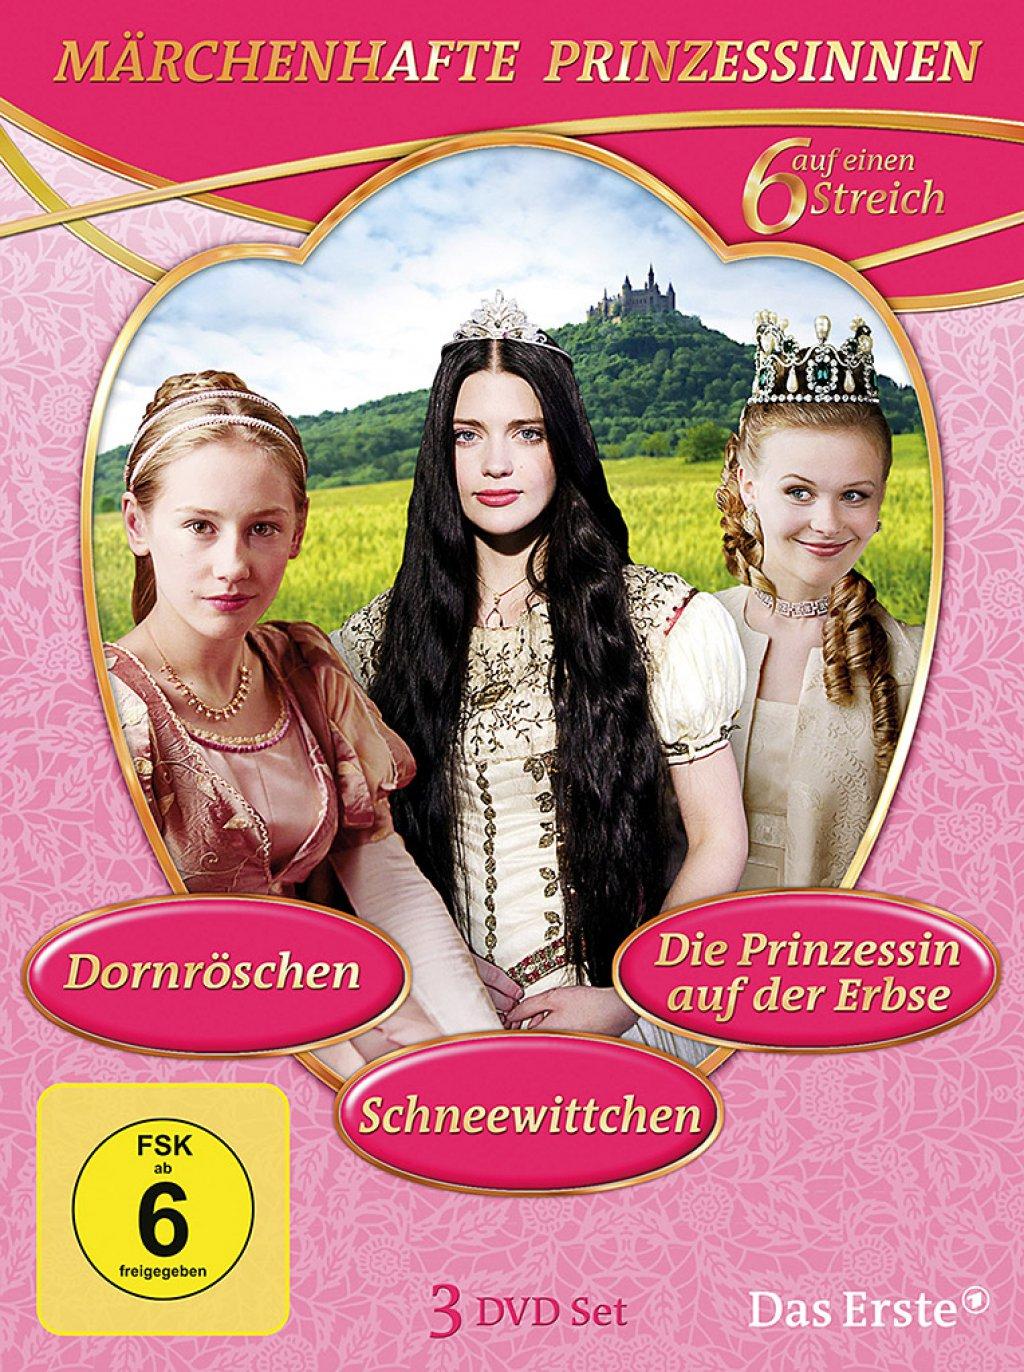 Märchenhafte Prinzessinnen (DVD)